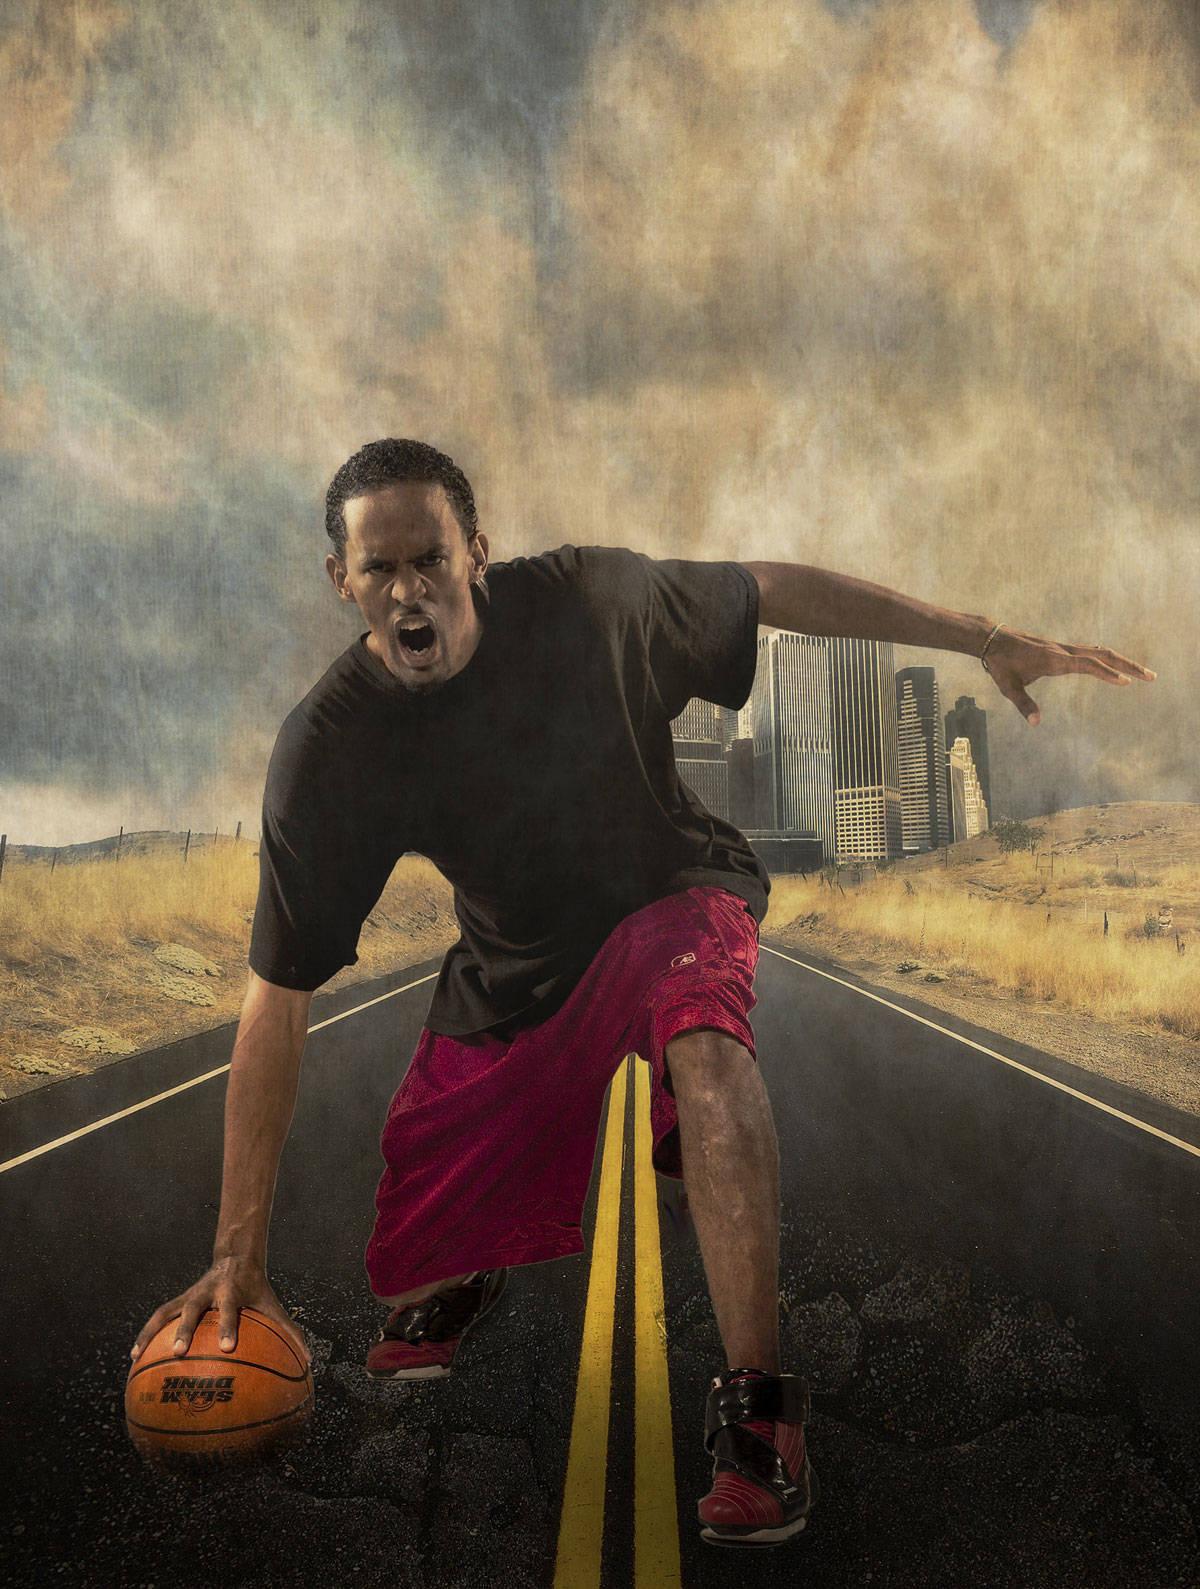 basketball-630515